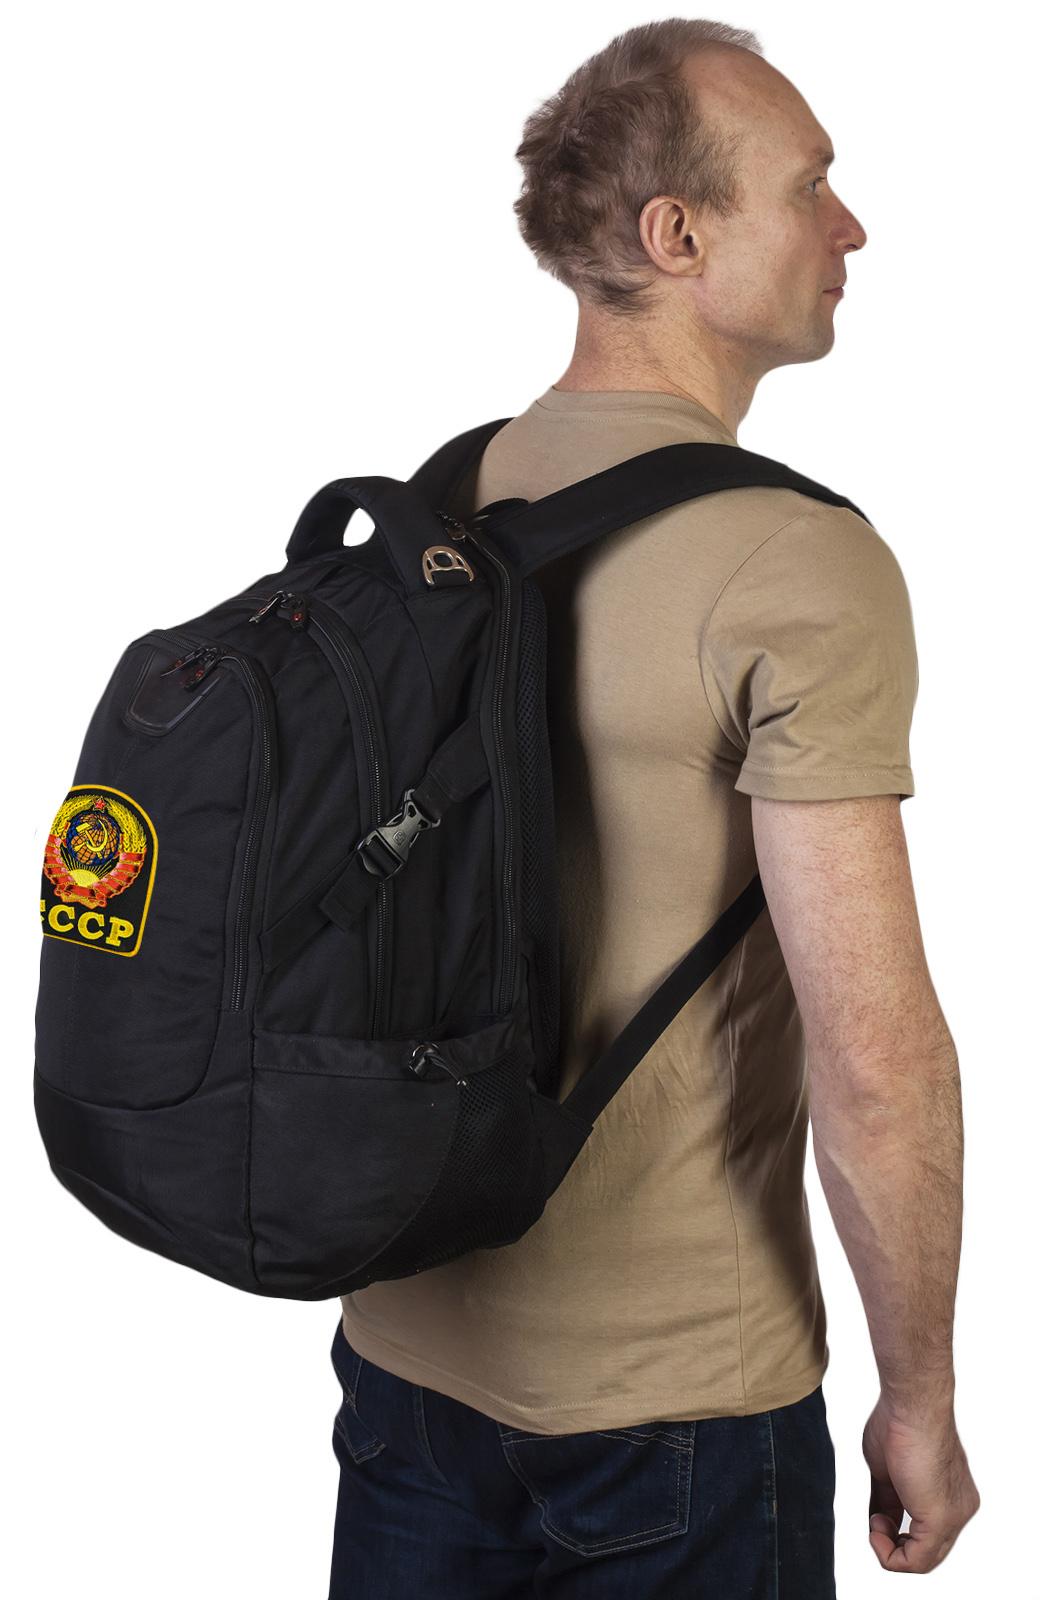 Многоцелевой черный рюкзак с нашивкой Герб СССР - заказать оптом